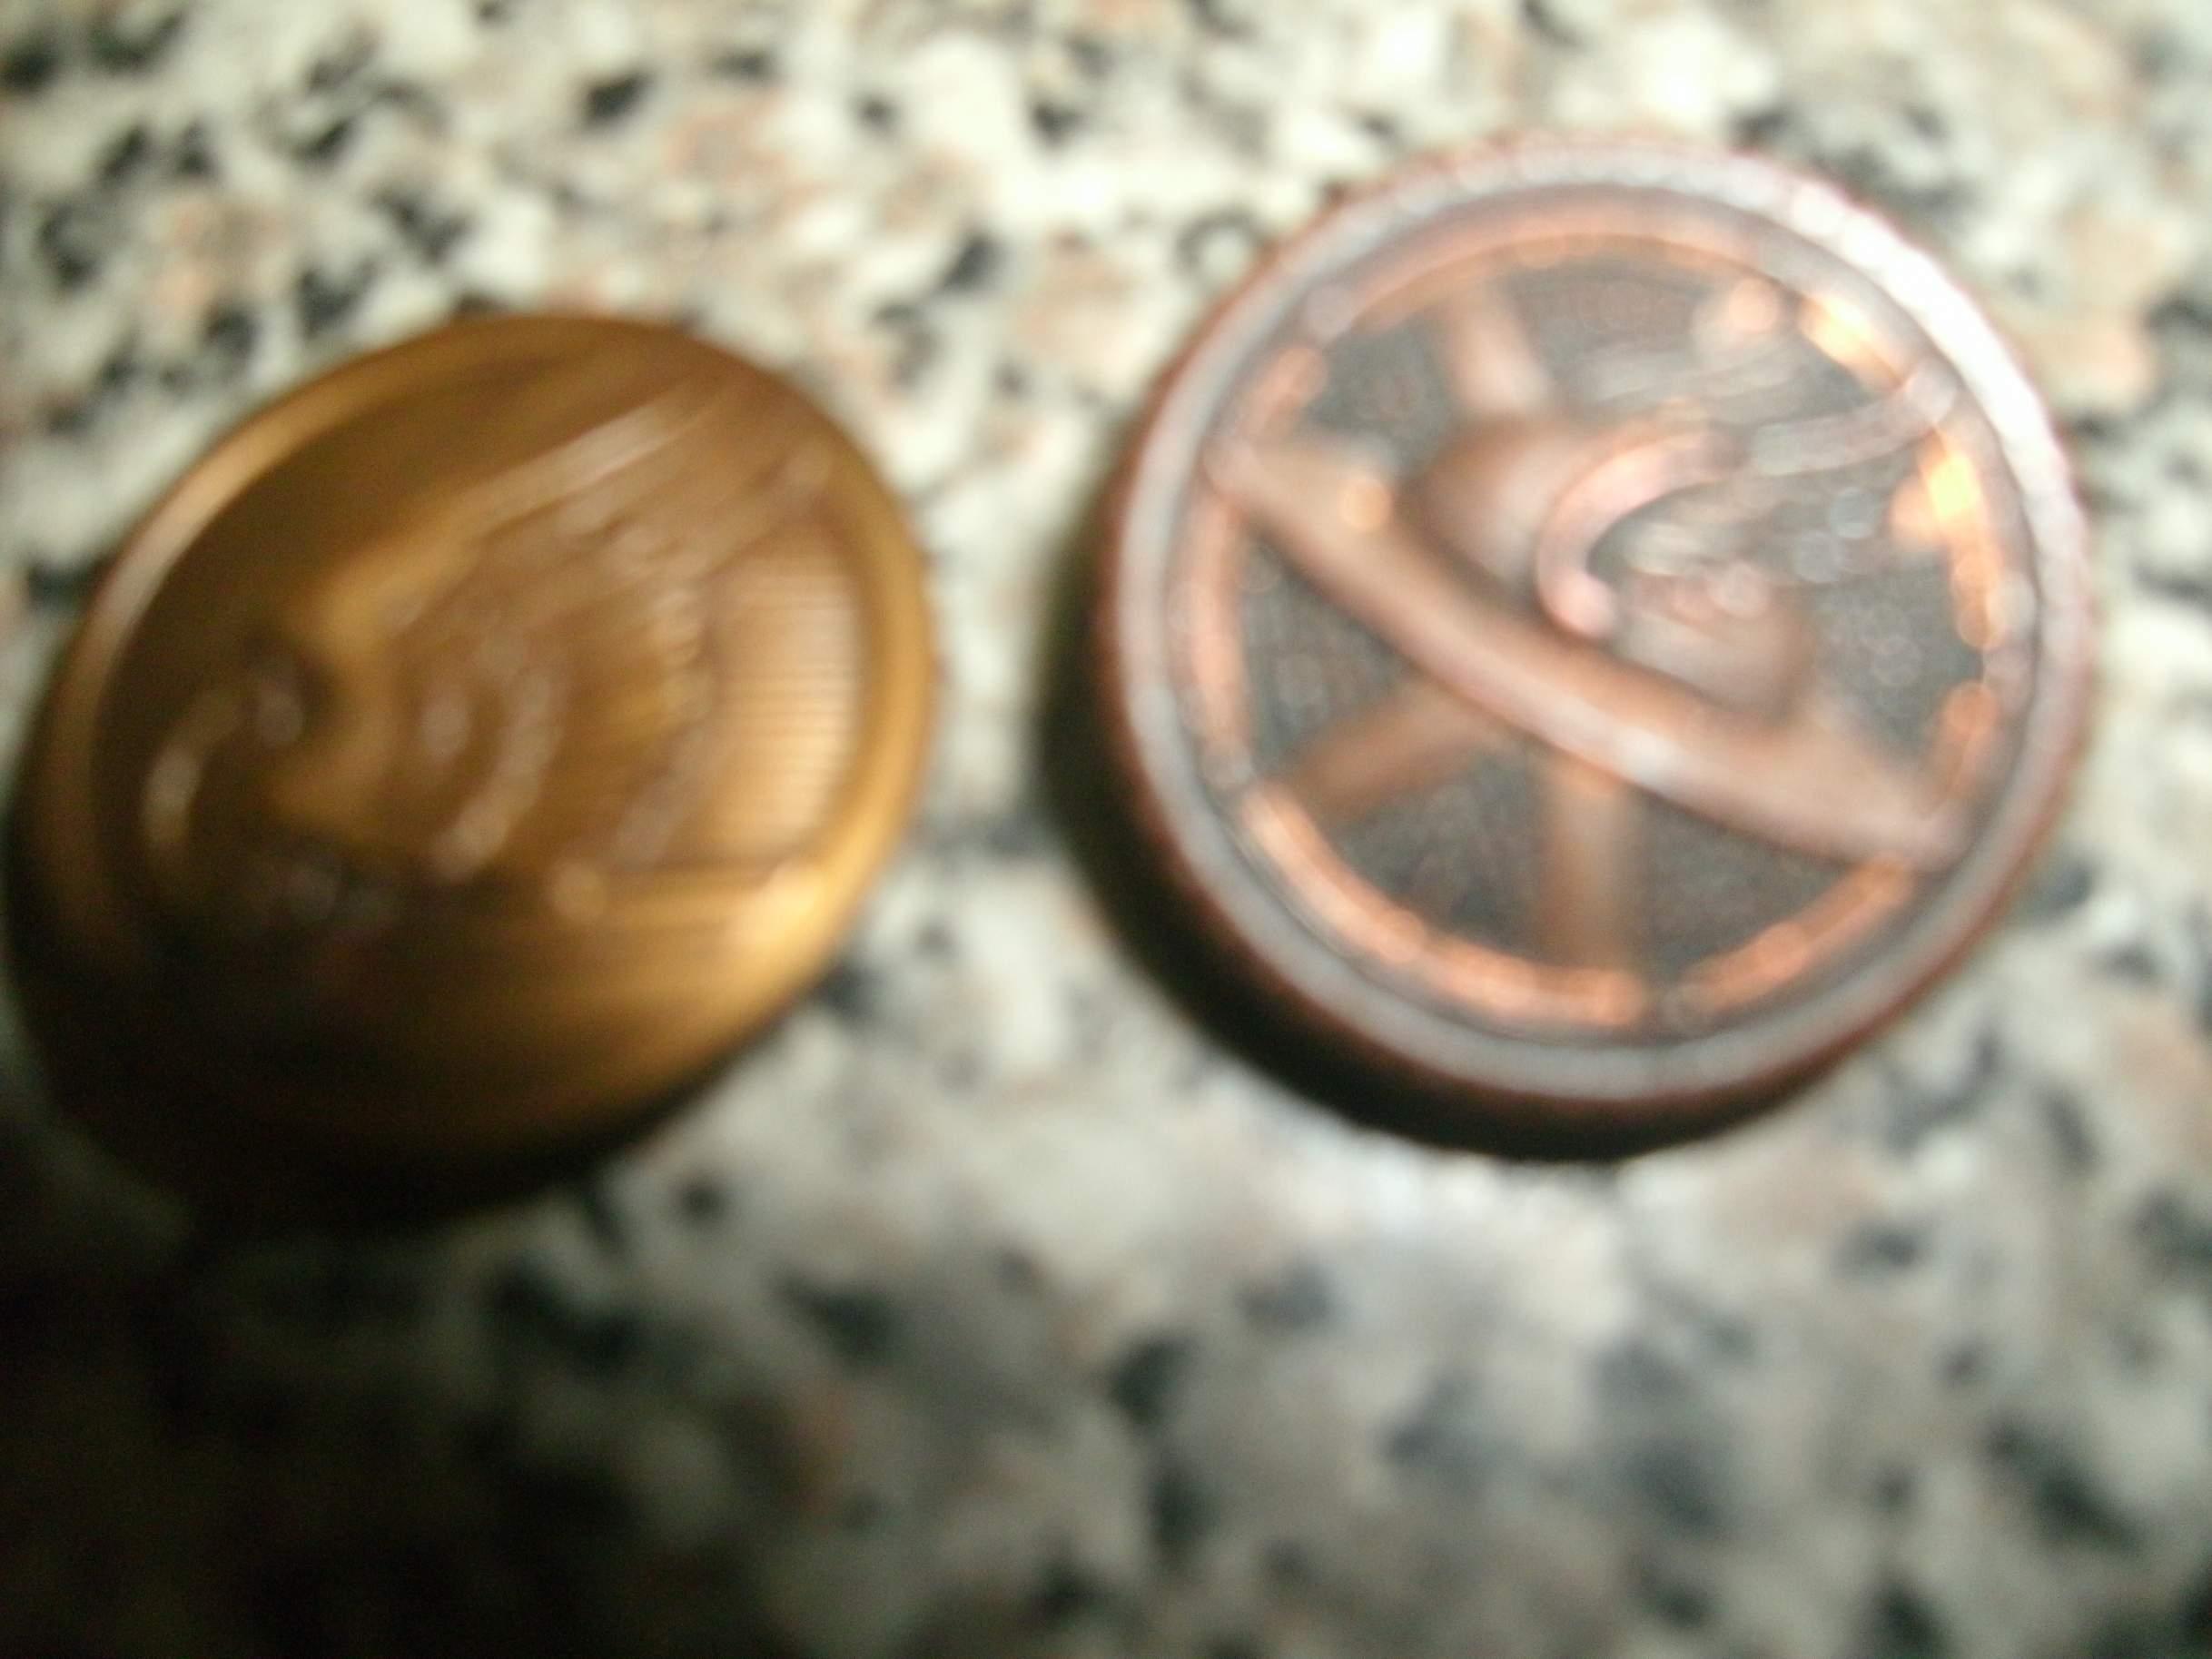 Dating metallic insignia collar discs